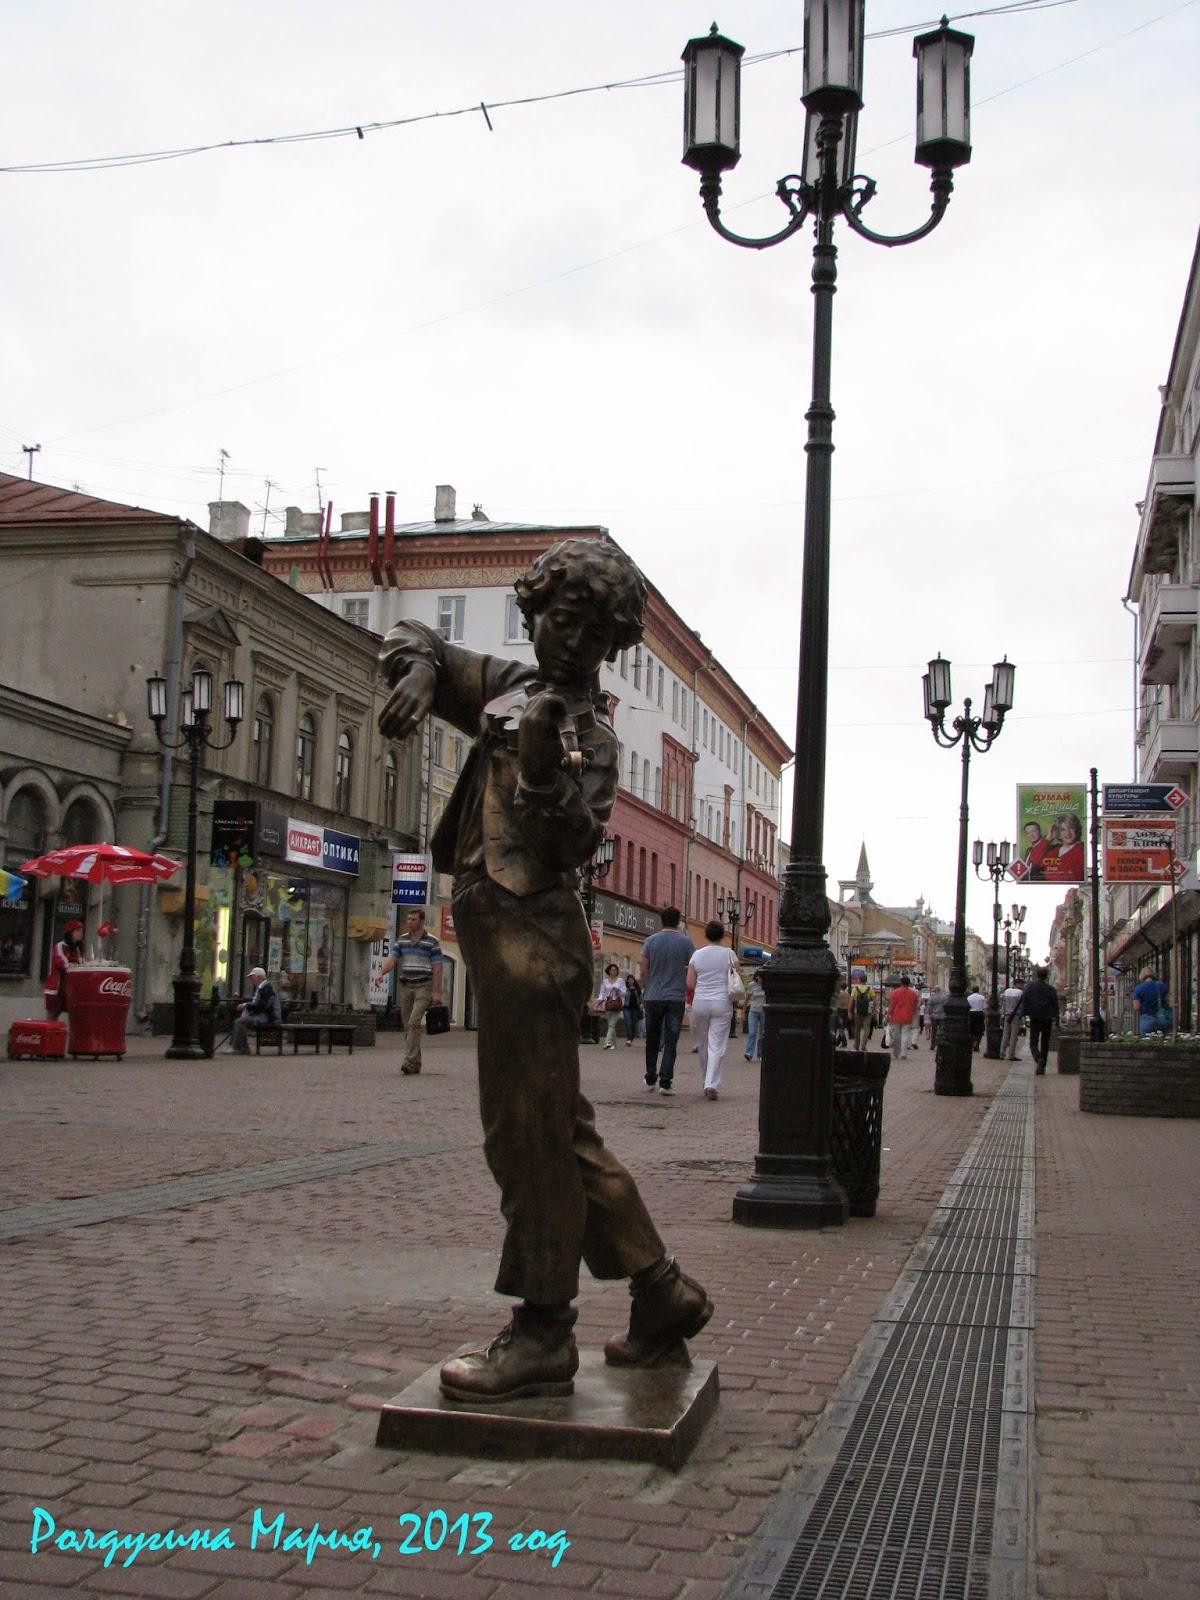 Нижний Новгород городская скульптура